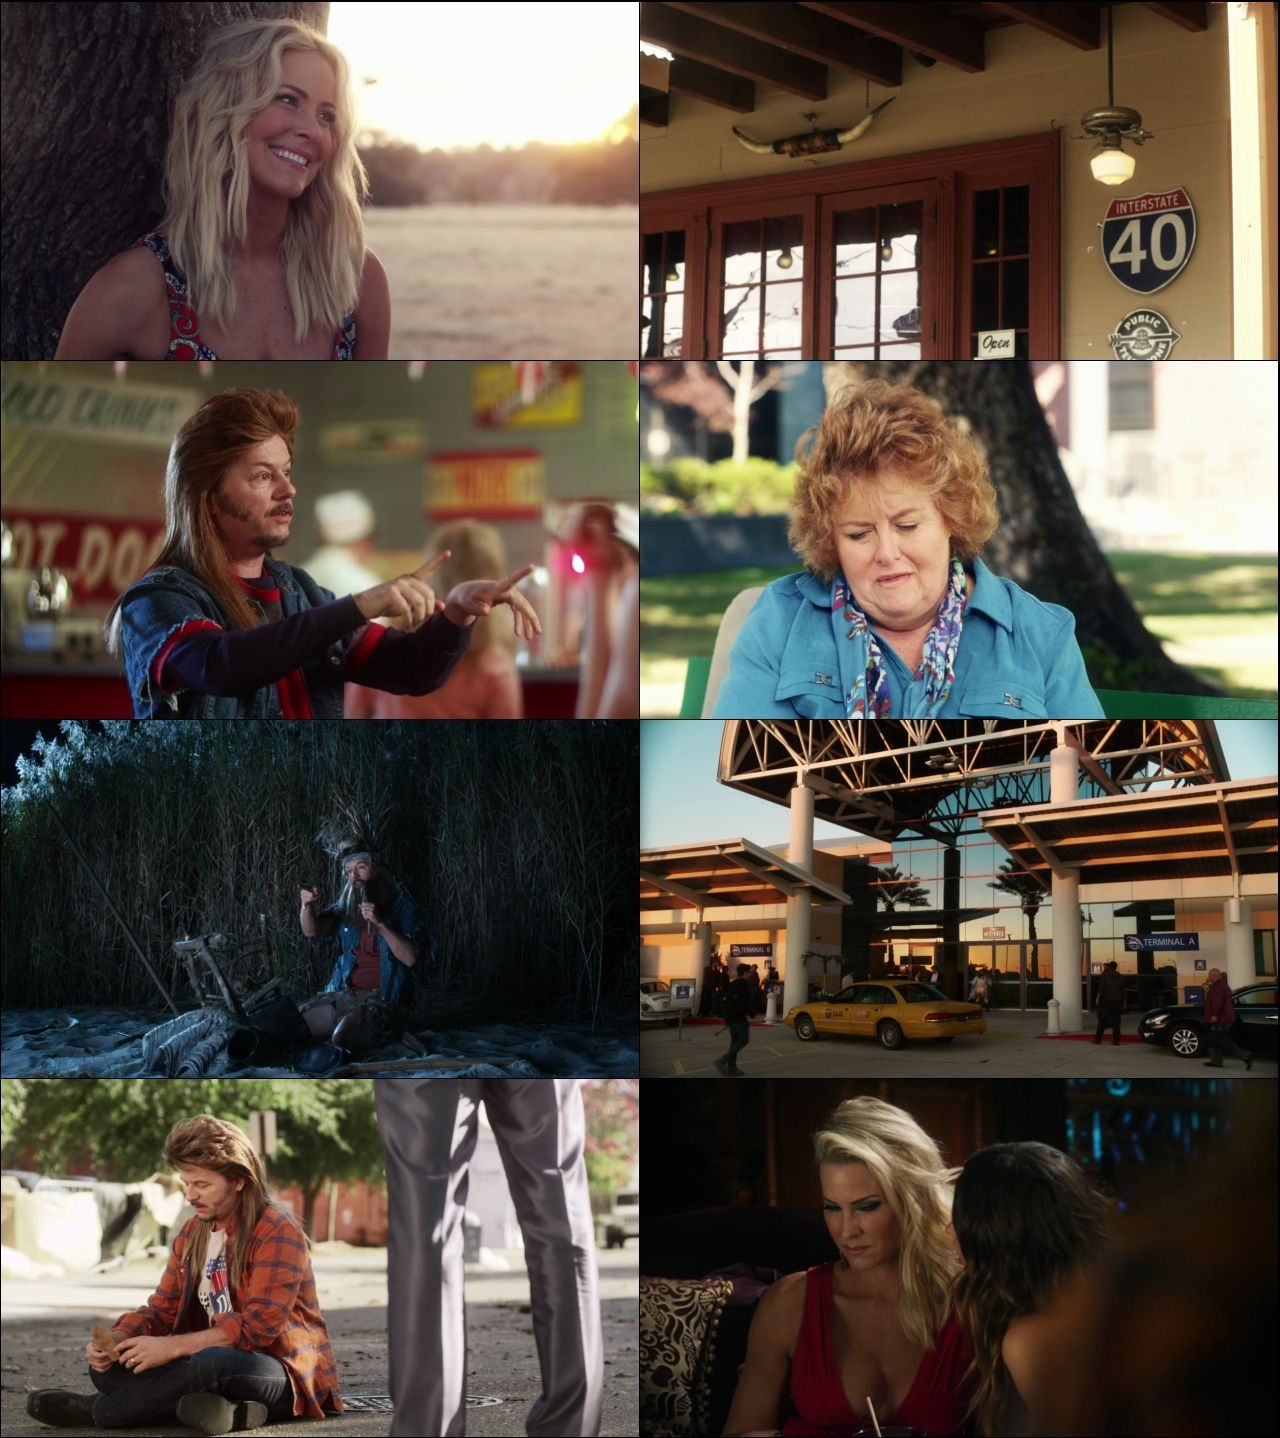 Kirli Joe - Joe Dirt 2: Beautiful Loser (2015) türkçe dublaj indir